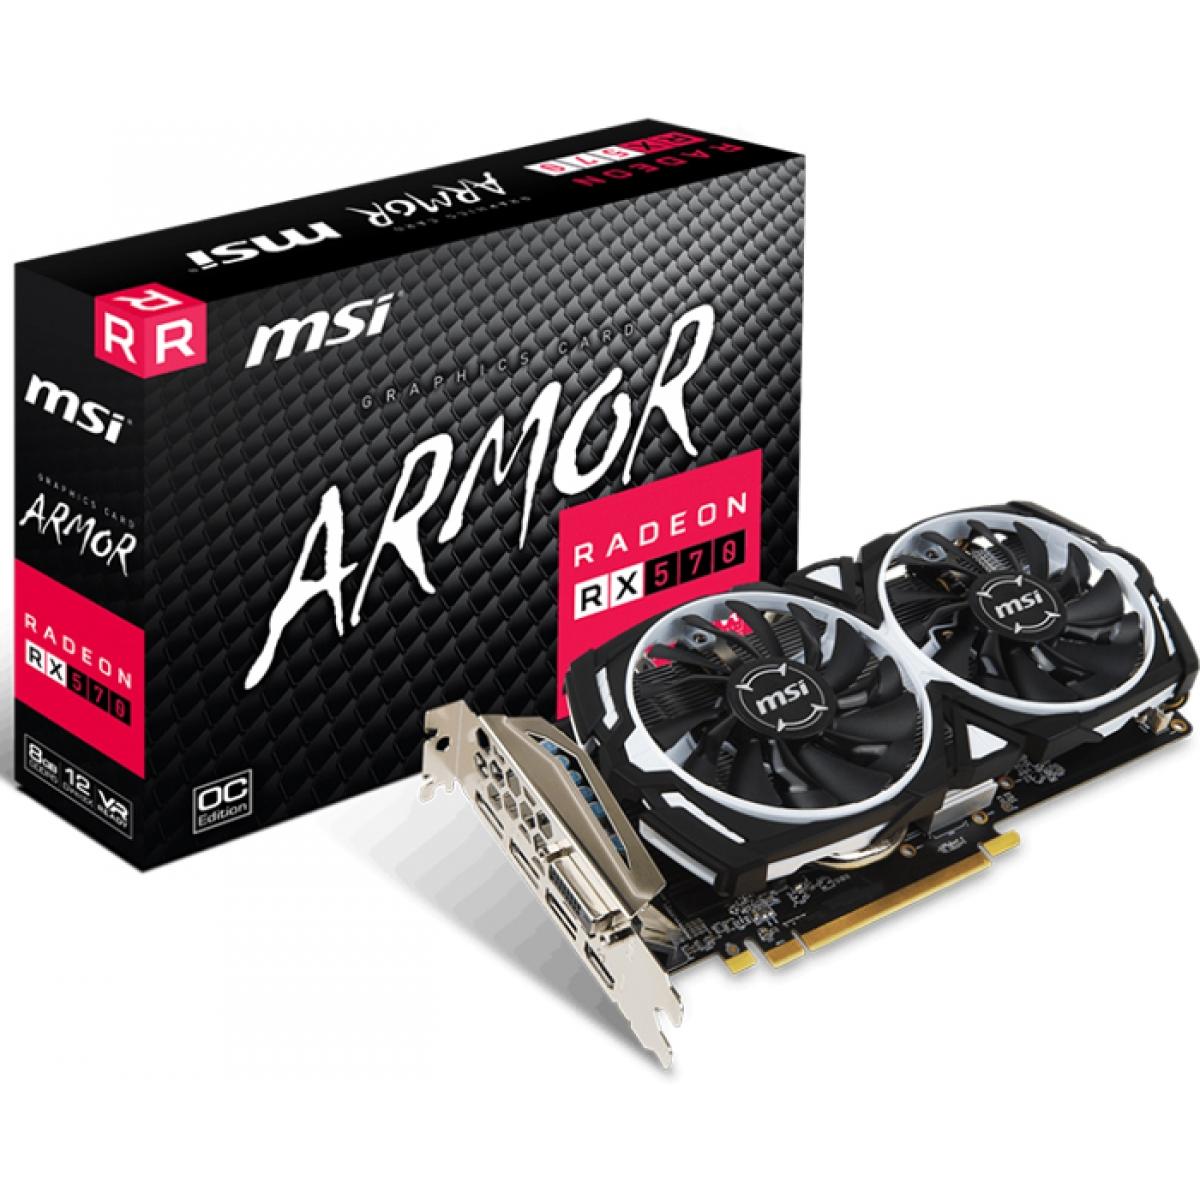 Placa de Vídeo MSI Radeon RX 570 Armor 8G OC Dual 8GB GDDR5 PCI-EXP 912-V341-236